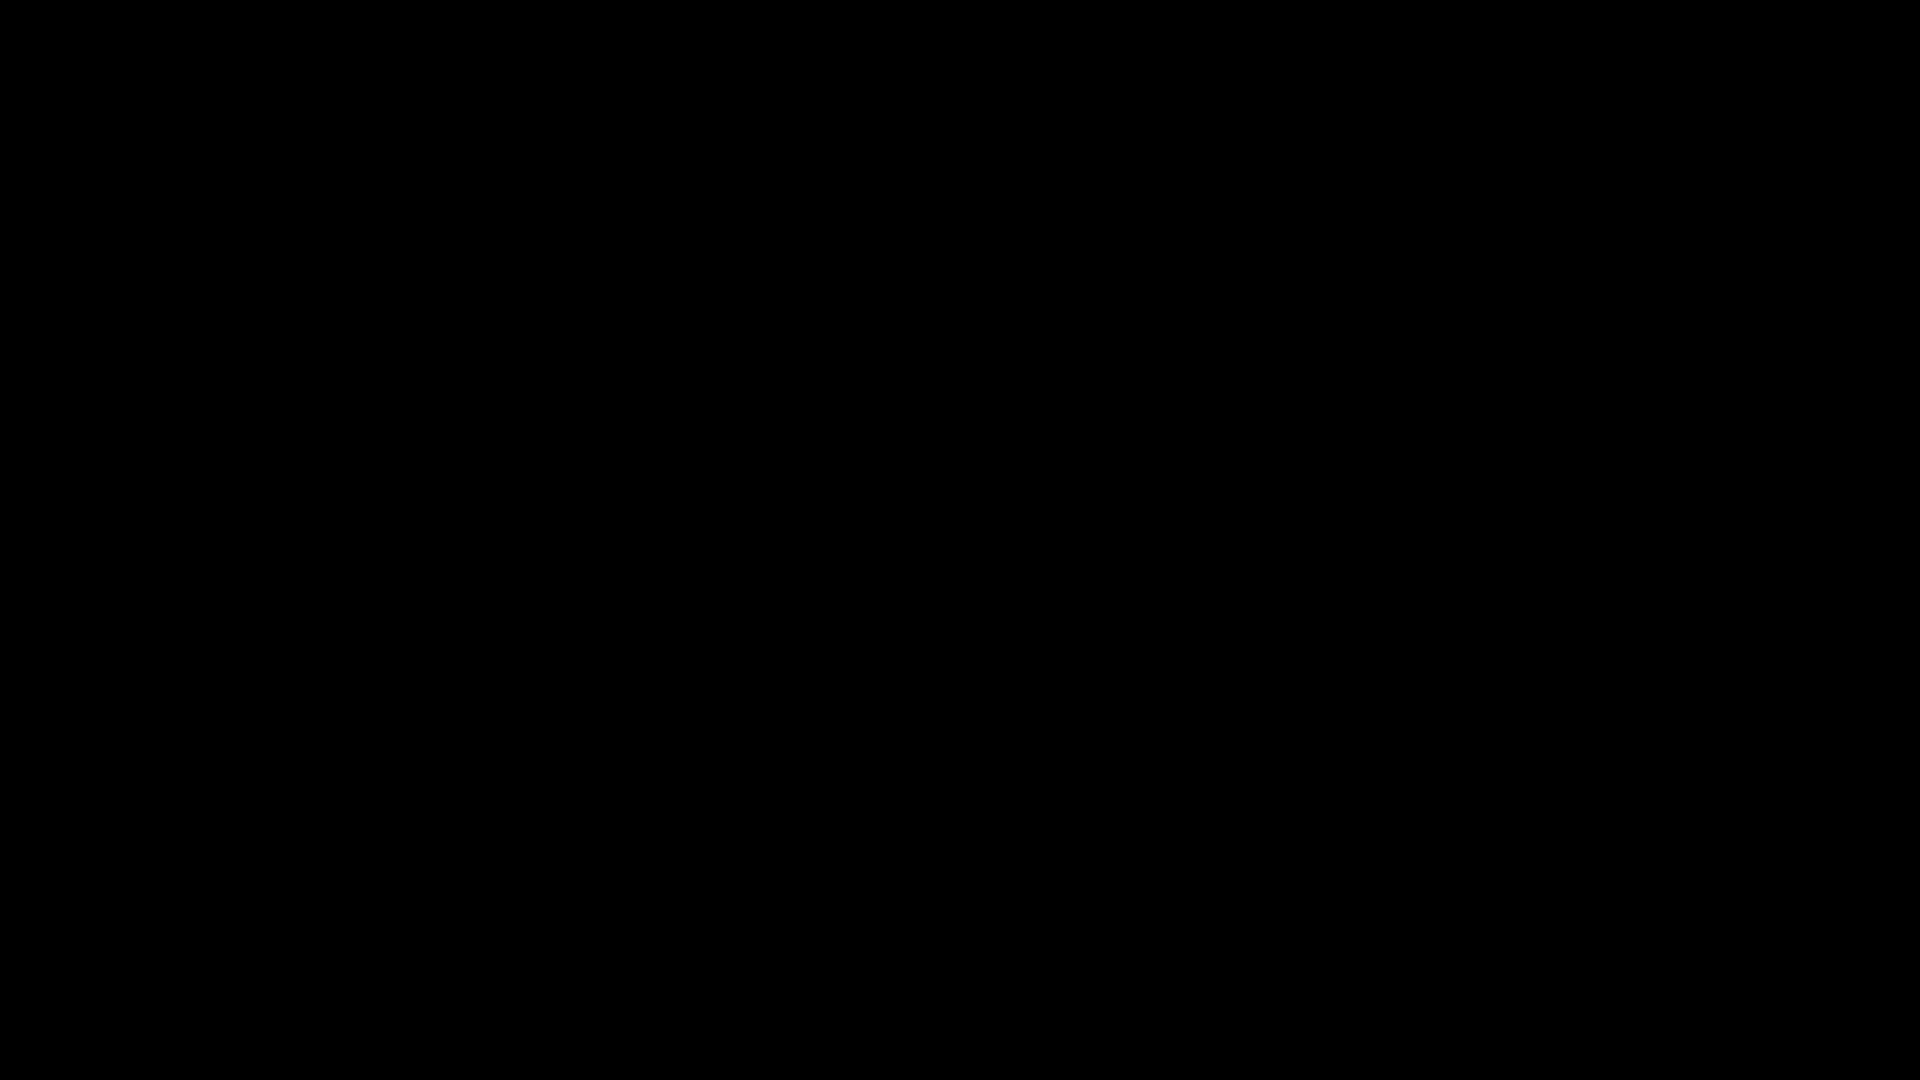 ホット販売輸出品質口紅o. two. oメイクアップカラフル女性マット口紅